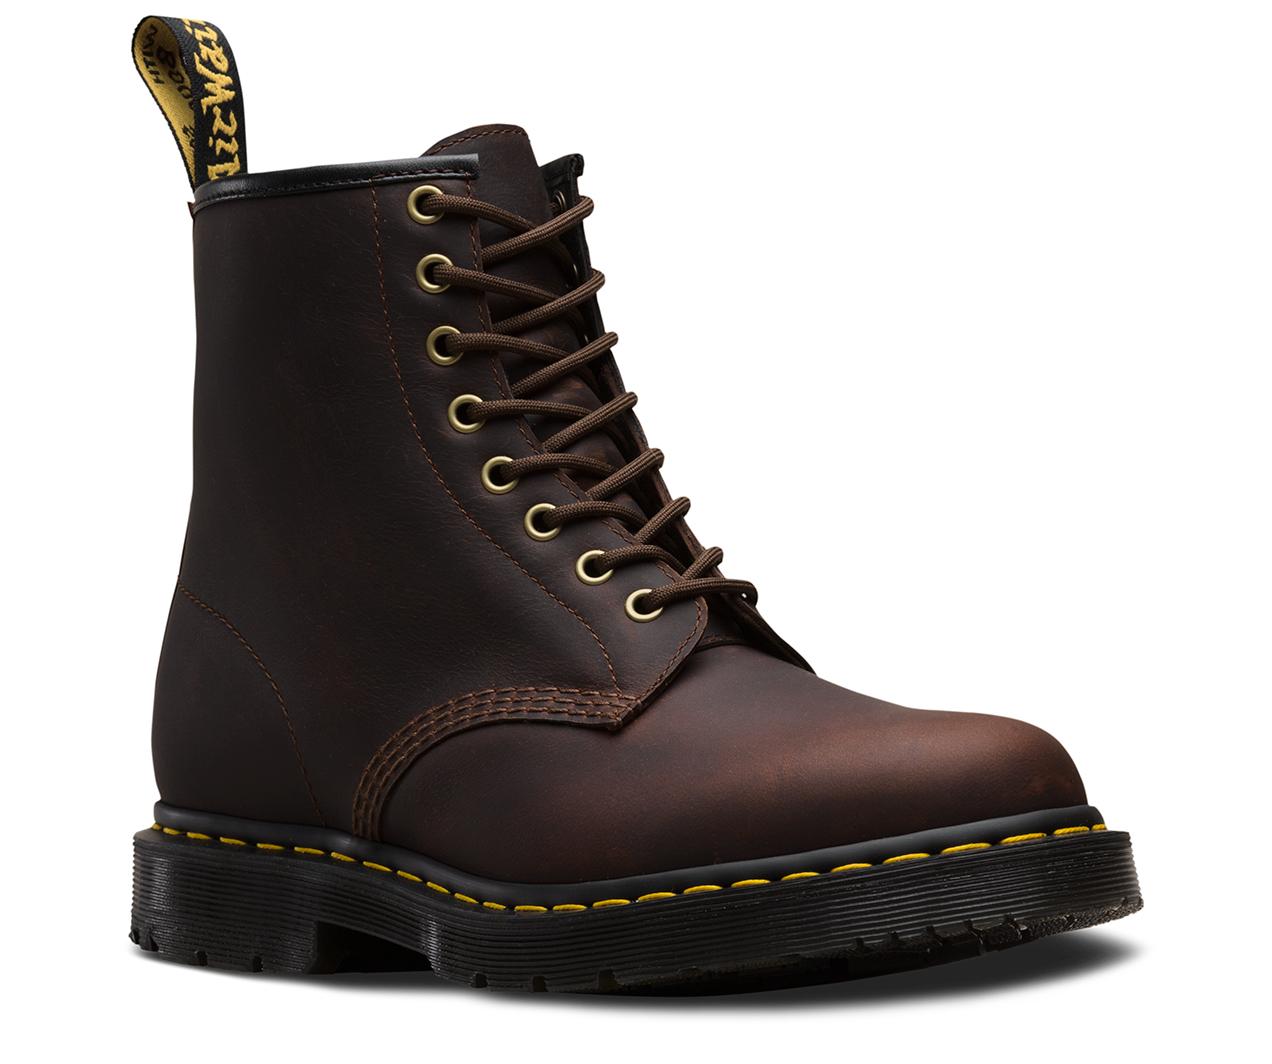 ドクターマーチン 日本正規品WINTER GRIP 1460 8ホール ブーツ ココア 防水 COCOA SNOW PLOW WP